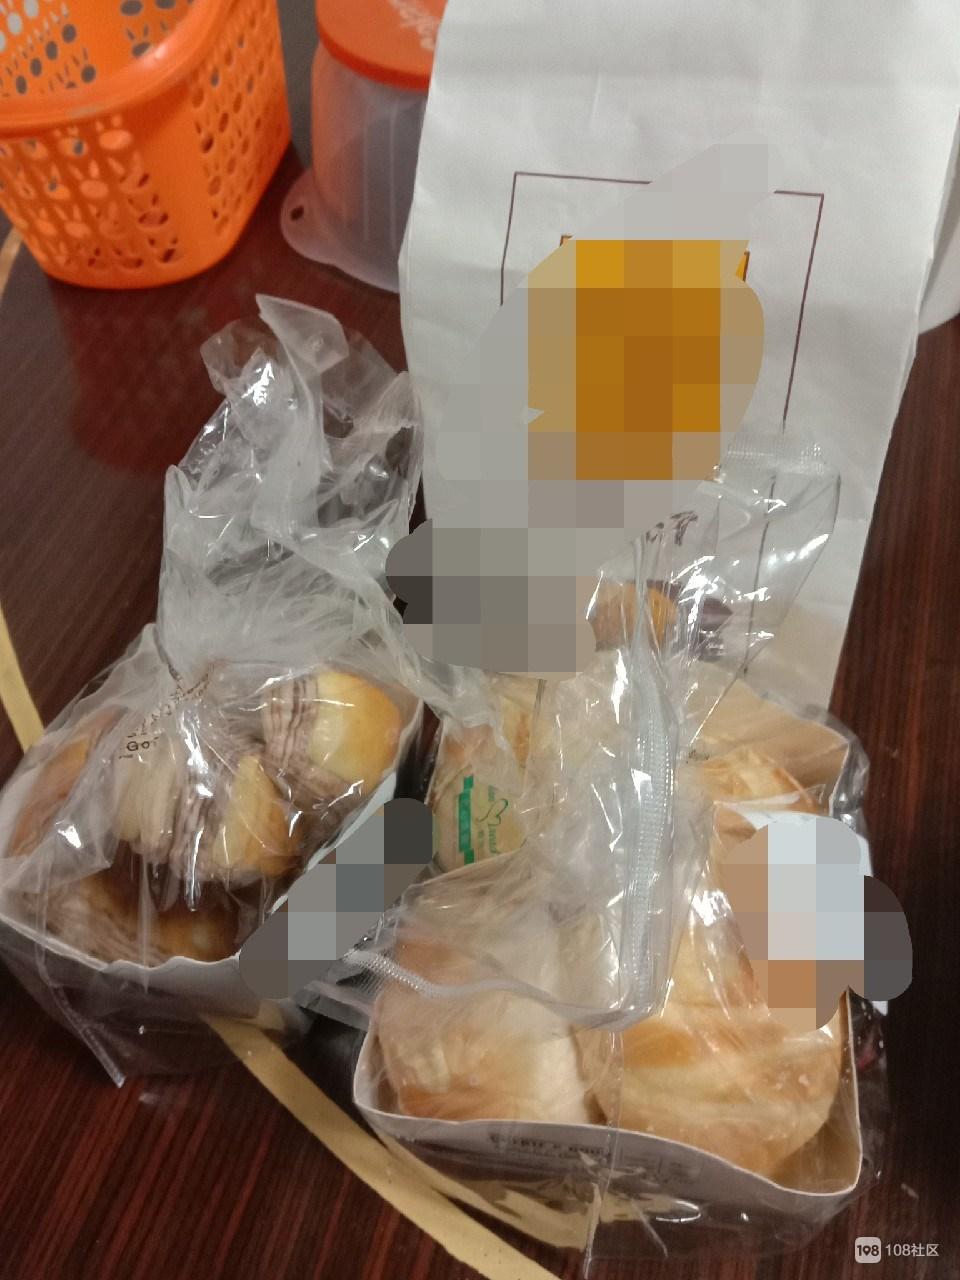 公公破天荒拎了三袋面包回家,仔细一看我却吓出冷汗